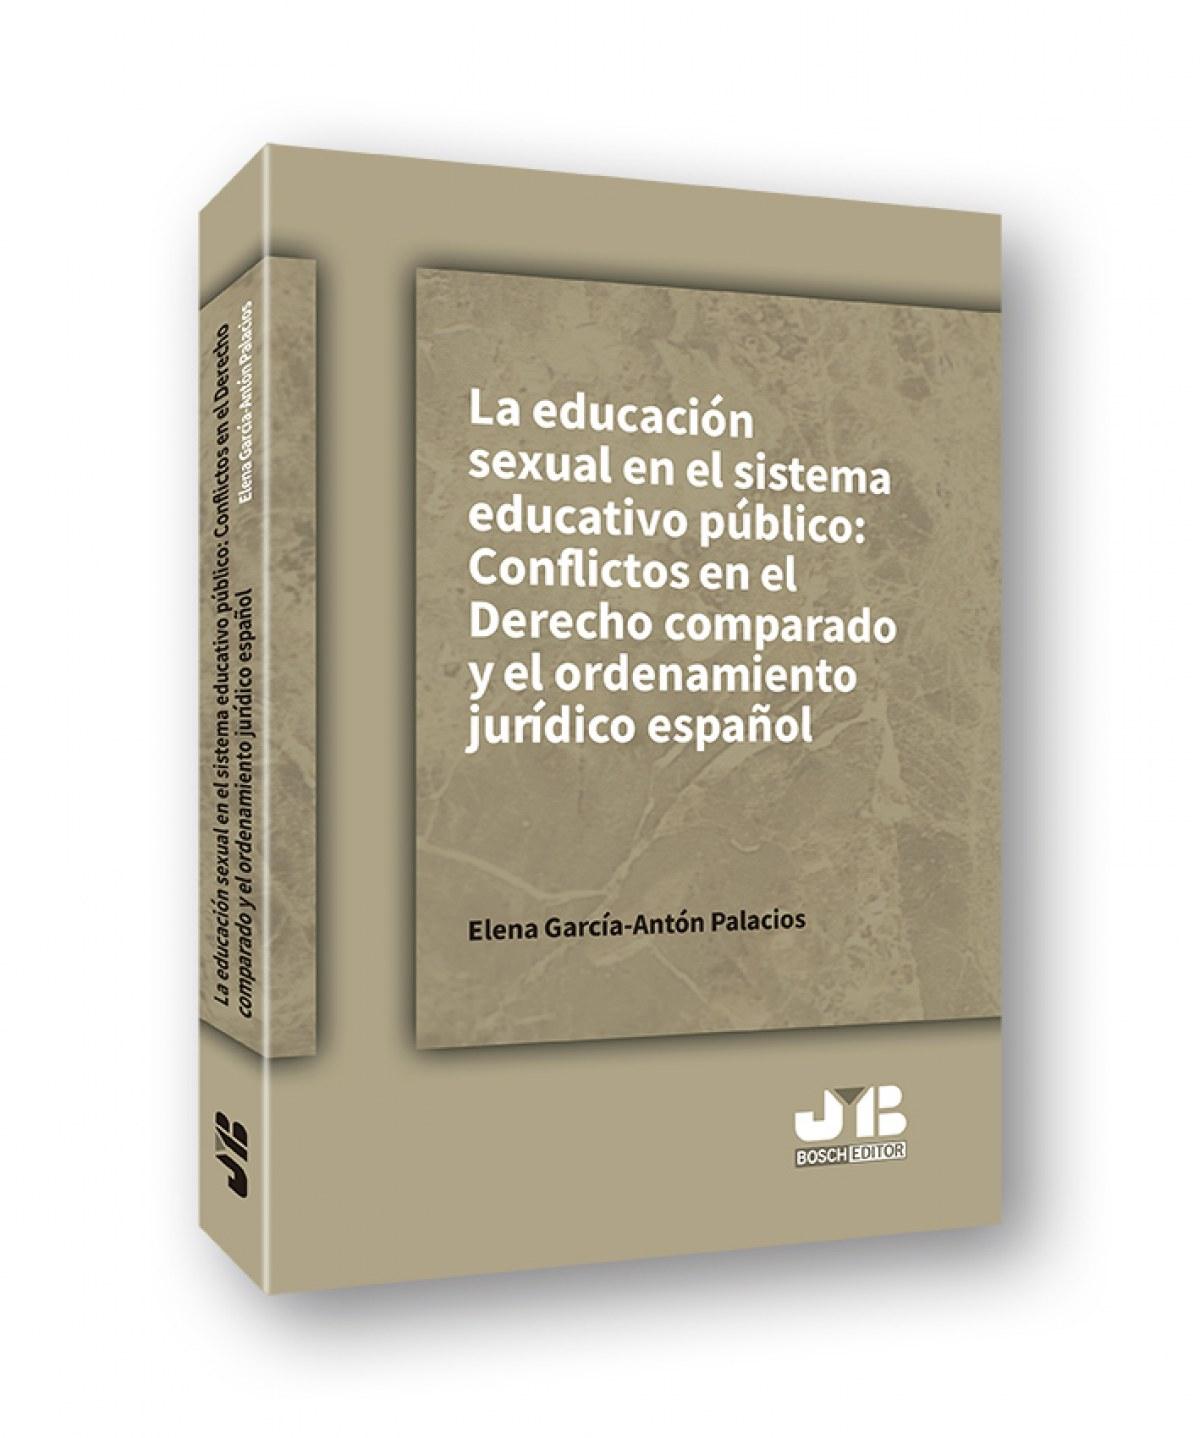 La educación sexual en el sistema educativo público: conflictos e